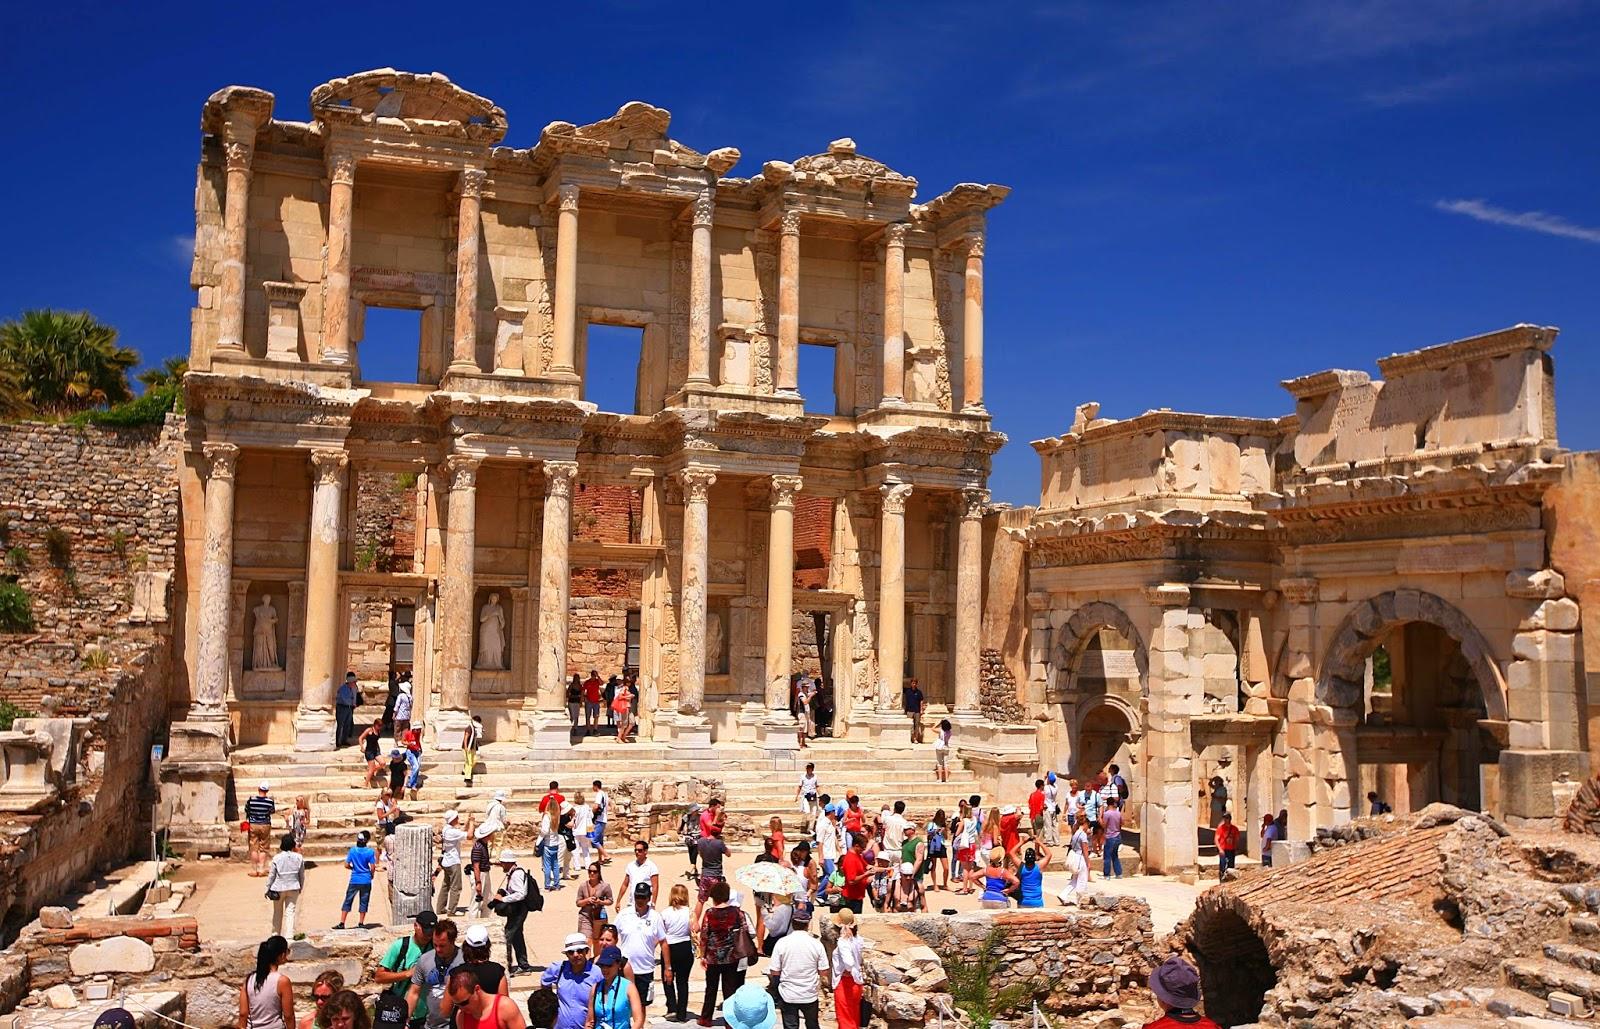 5 Objek Wisata di Turki Yang Populer